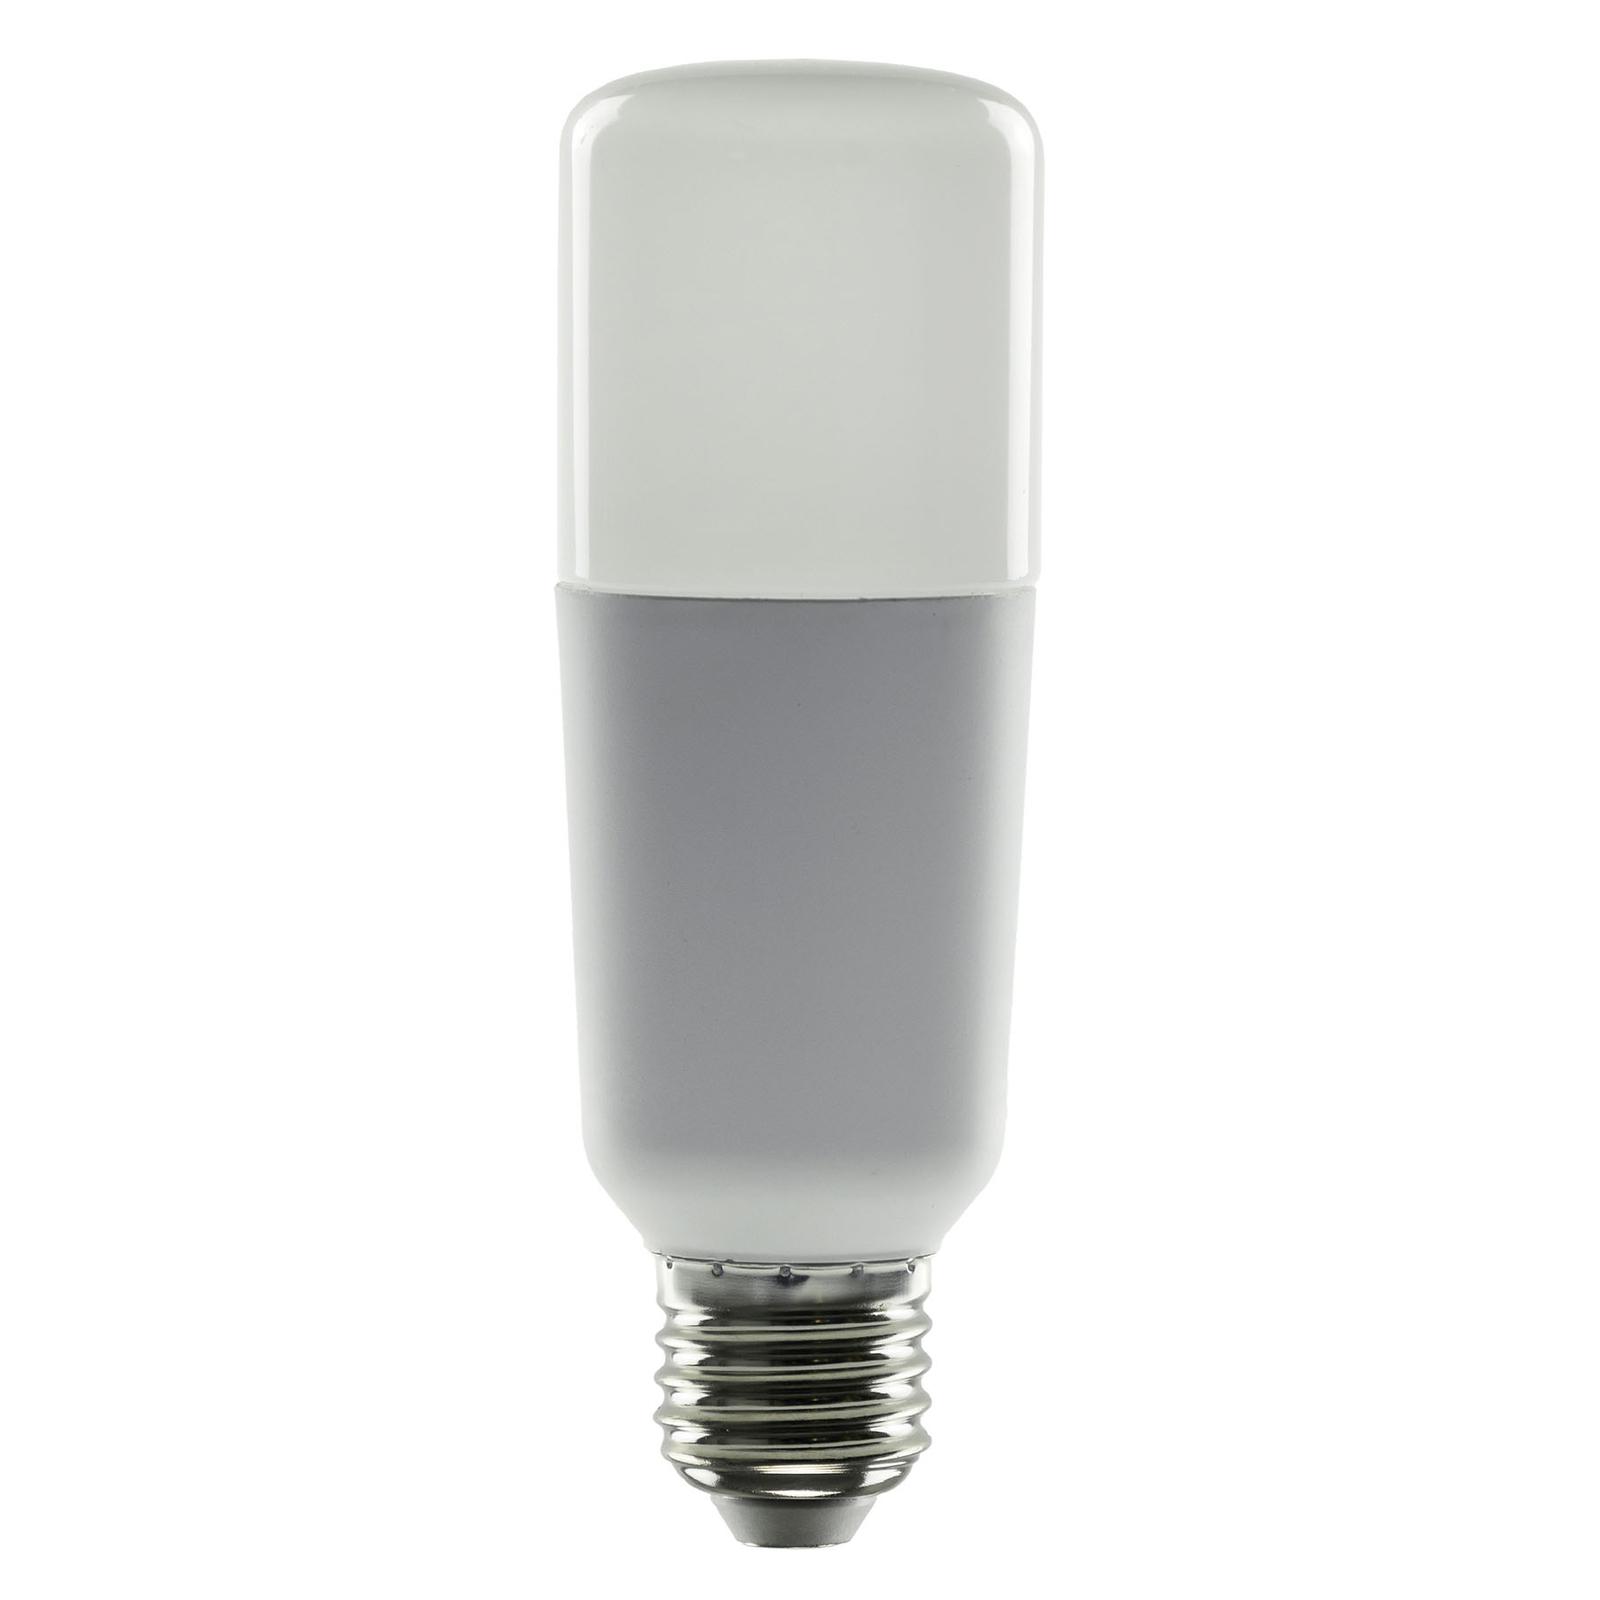 SEGULA LED-Lampe Stick E27 14W 830 dimmbar